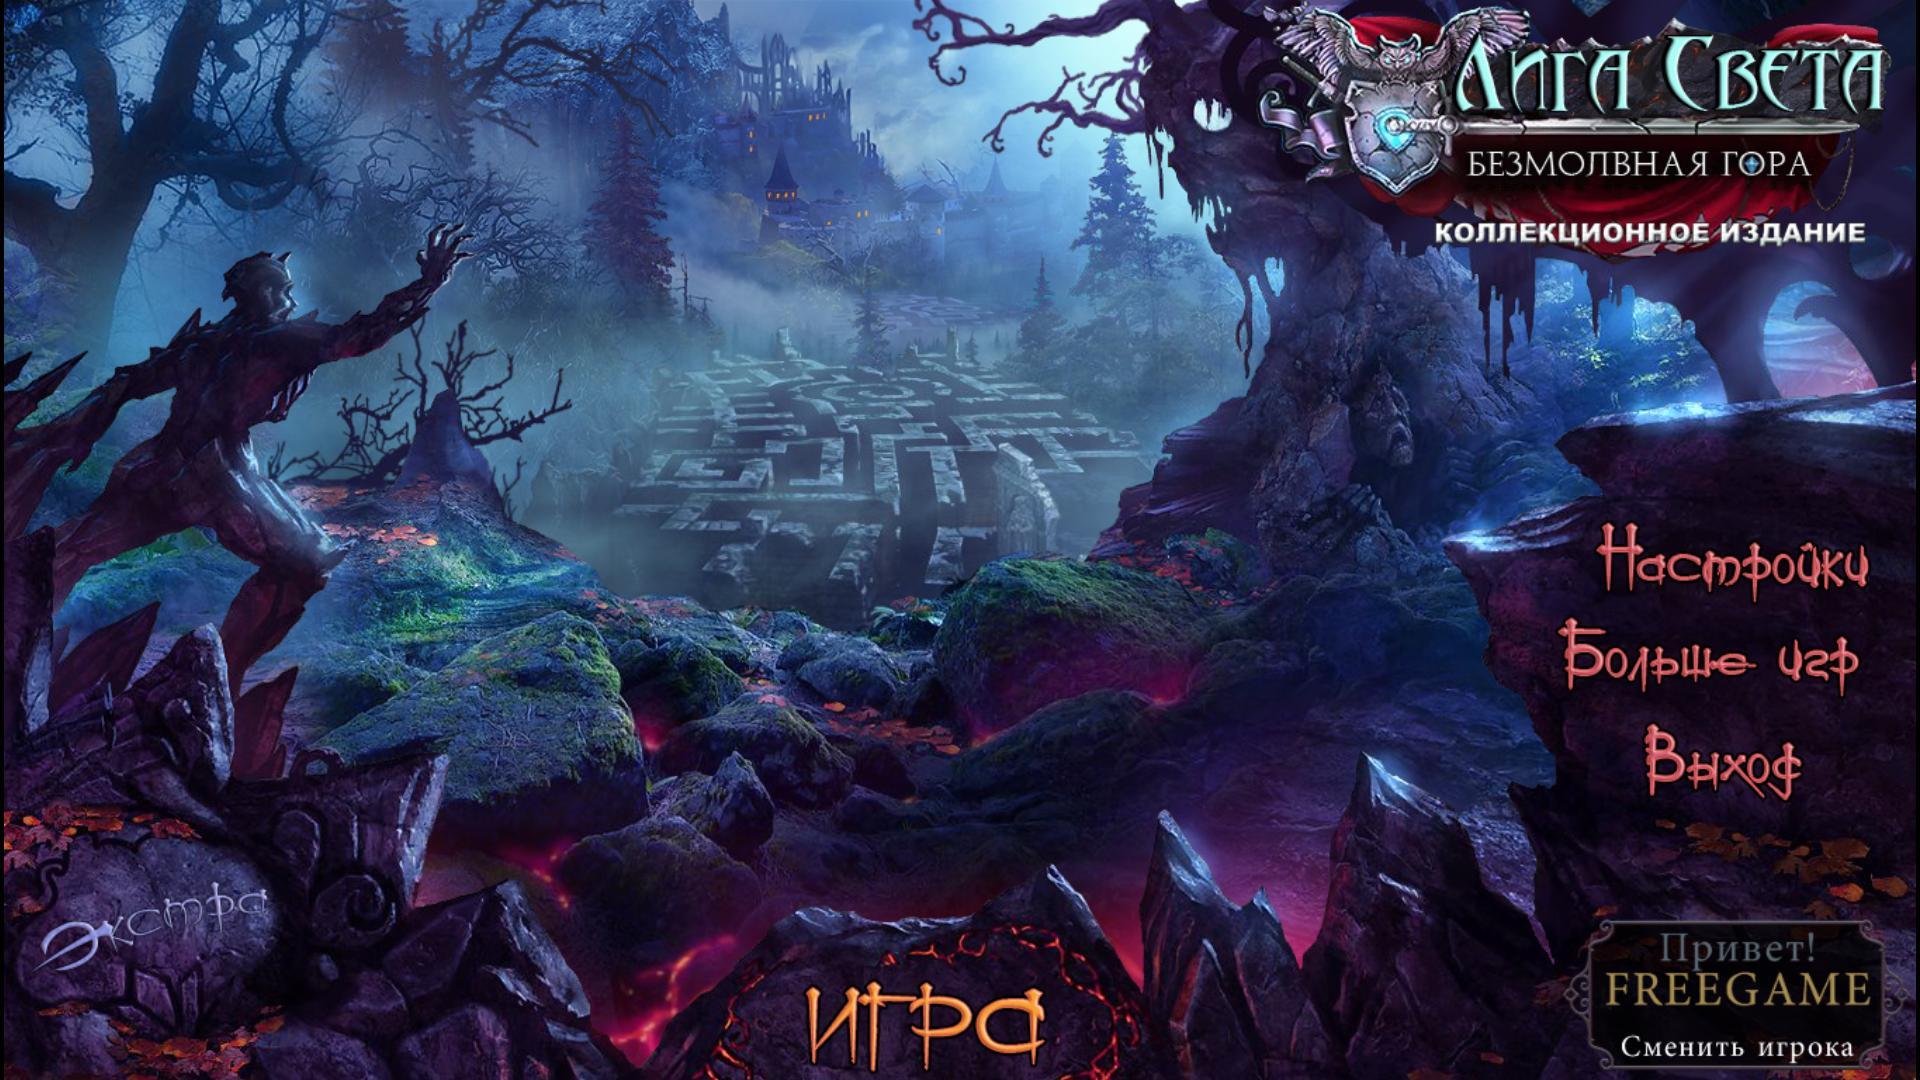 Лига Света 3. Безмолвная гора. Коллекционное издание | League of Light 3: Silent Mountain CE (Rus)